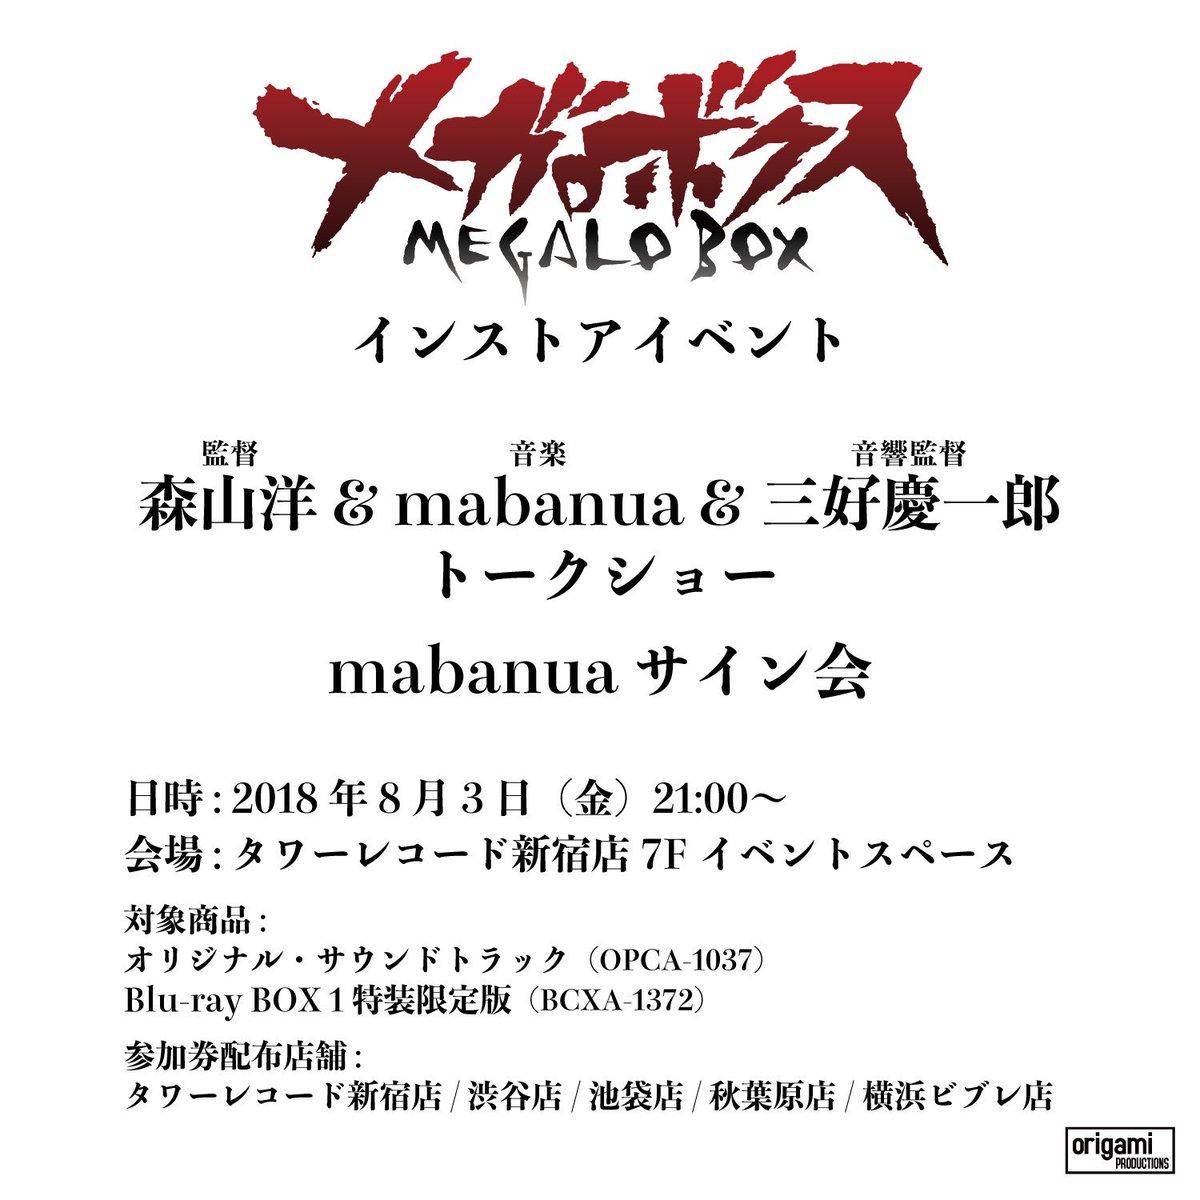 メガロボクスオリジナル・サウンドトラックに関する画像13